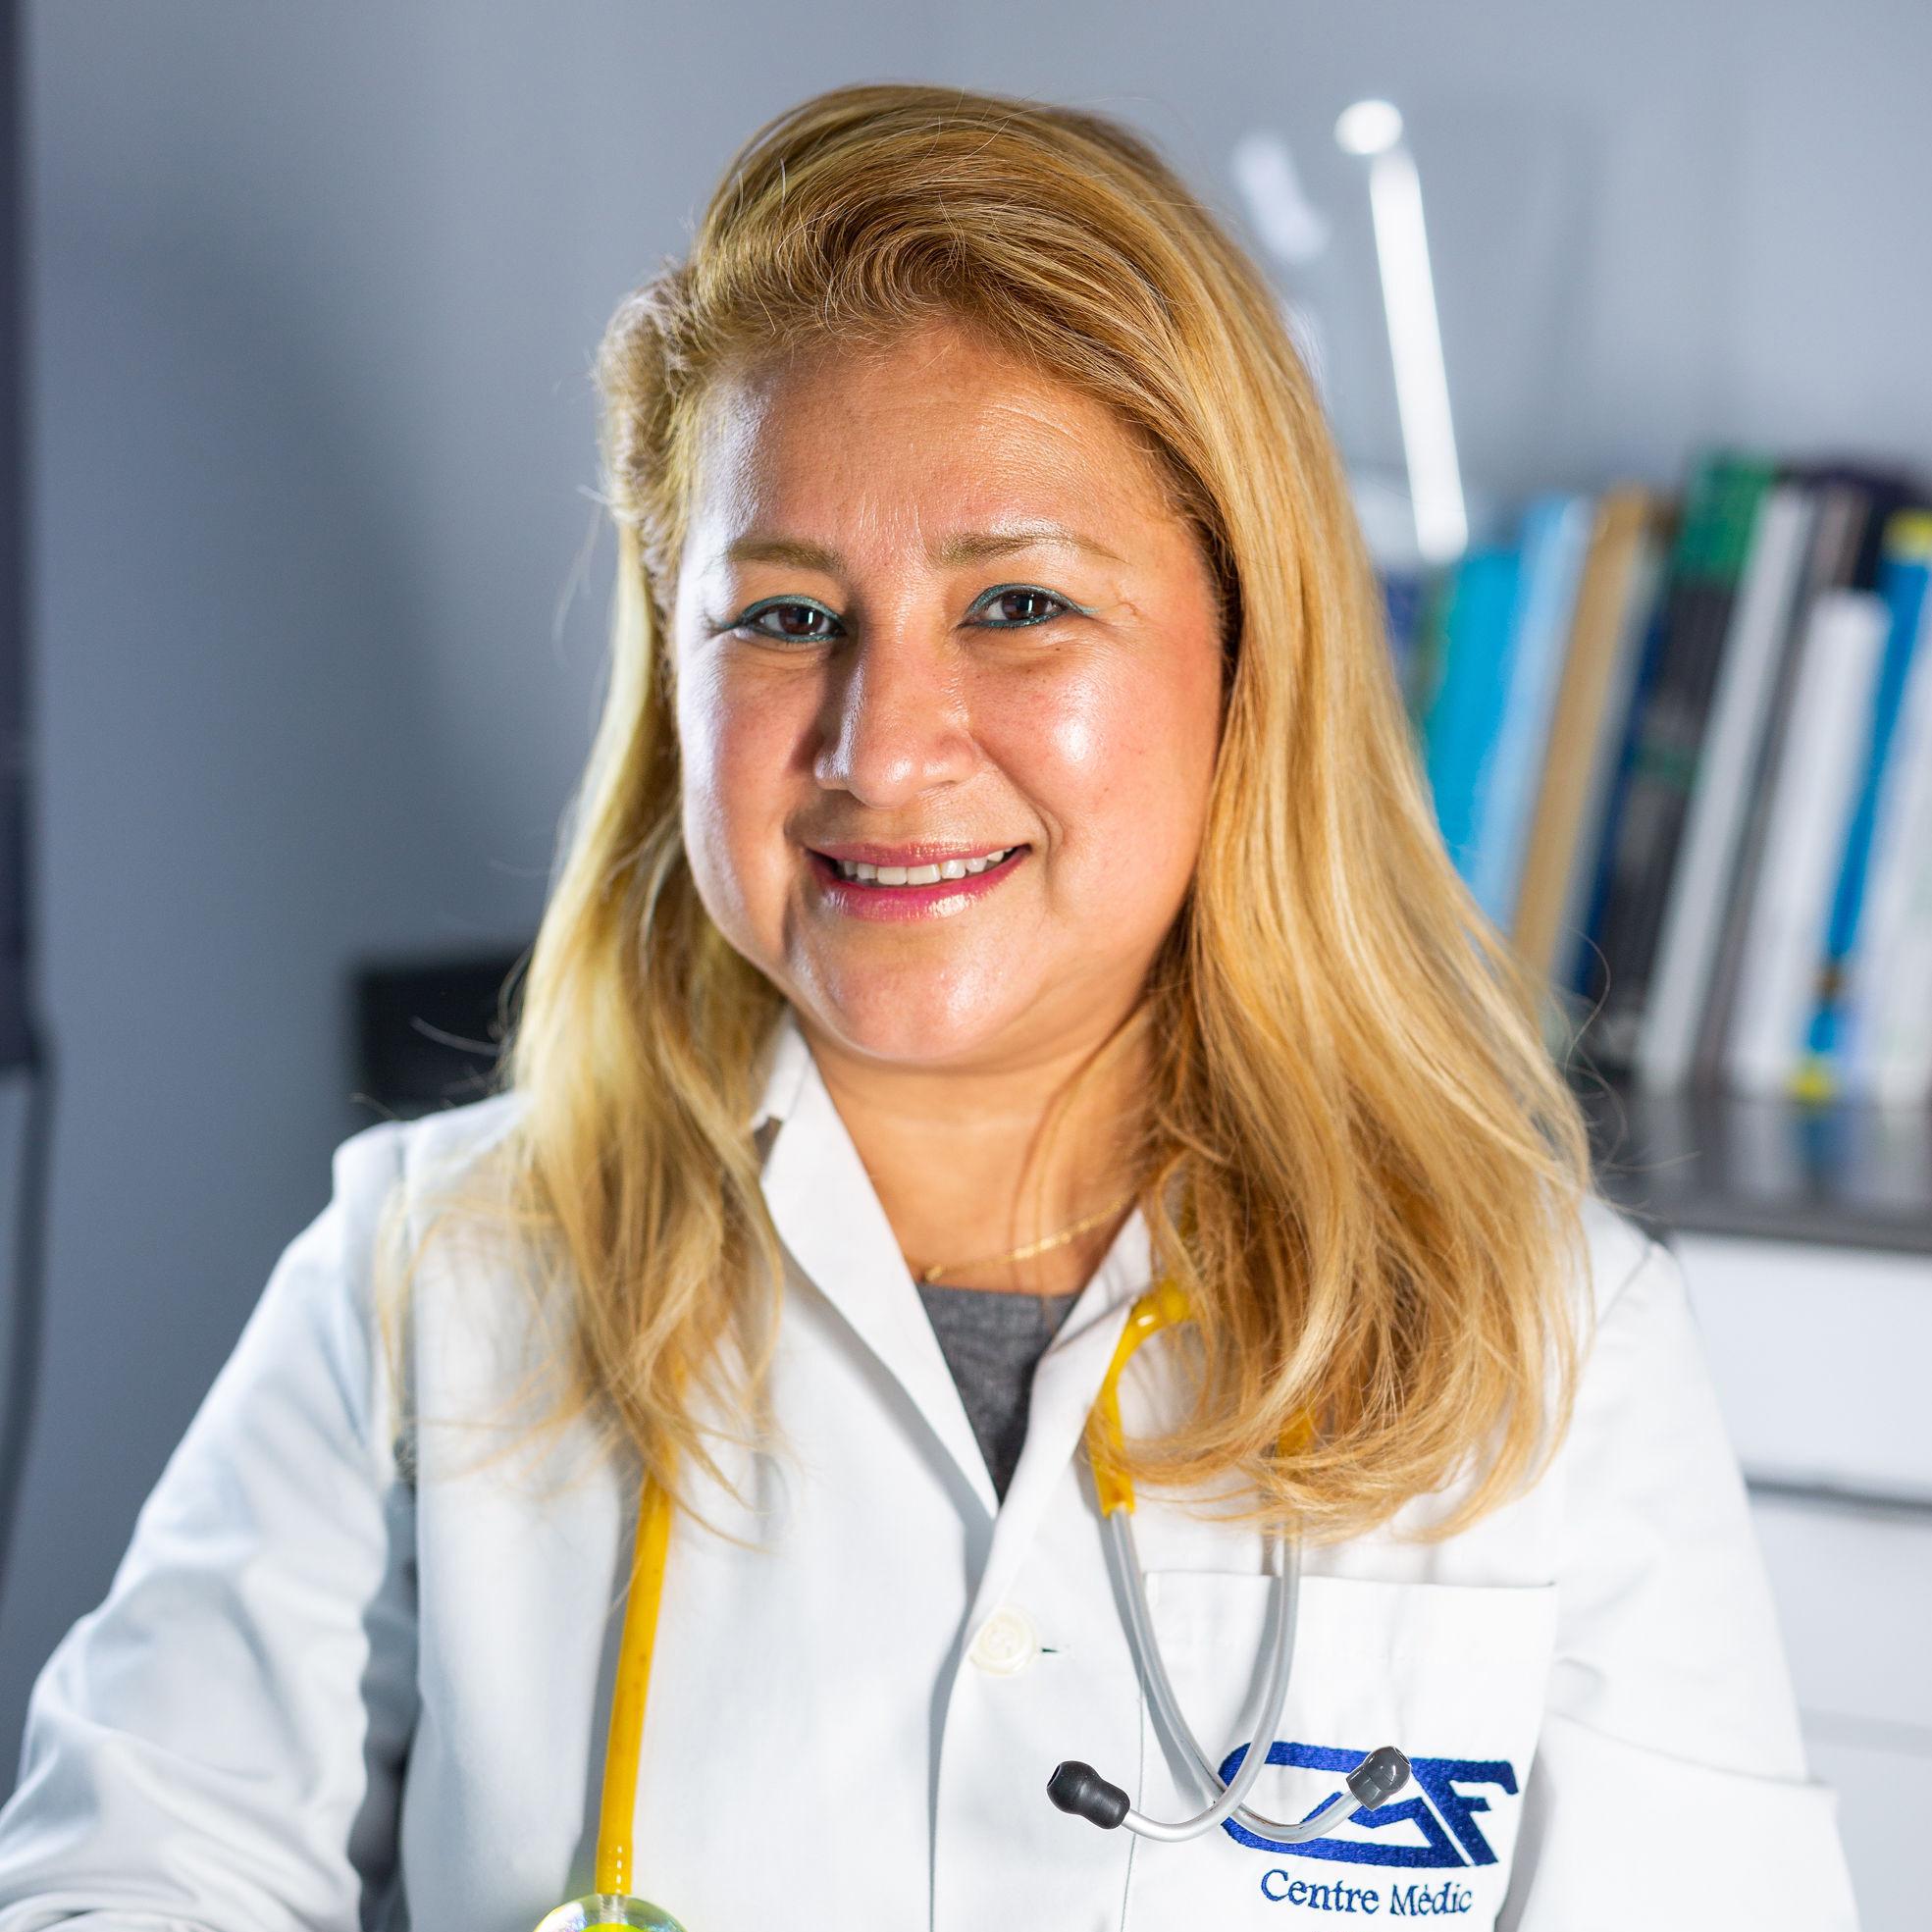 Dra. Medina